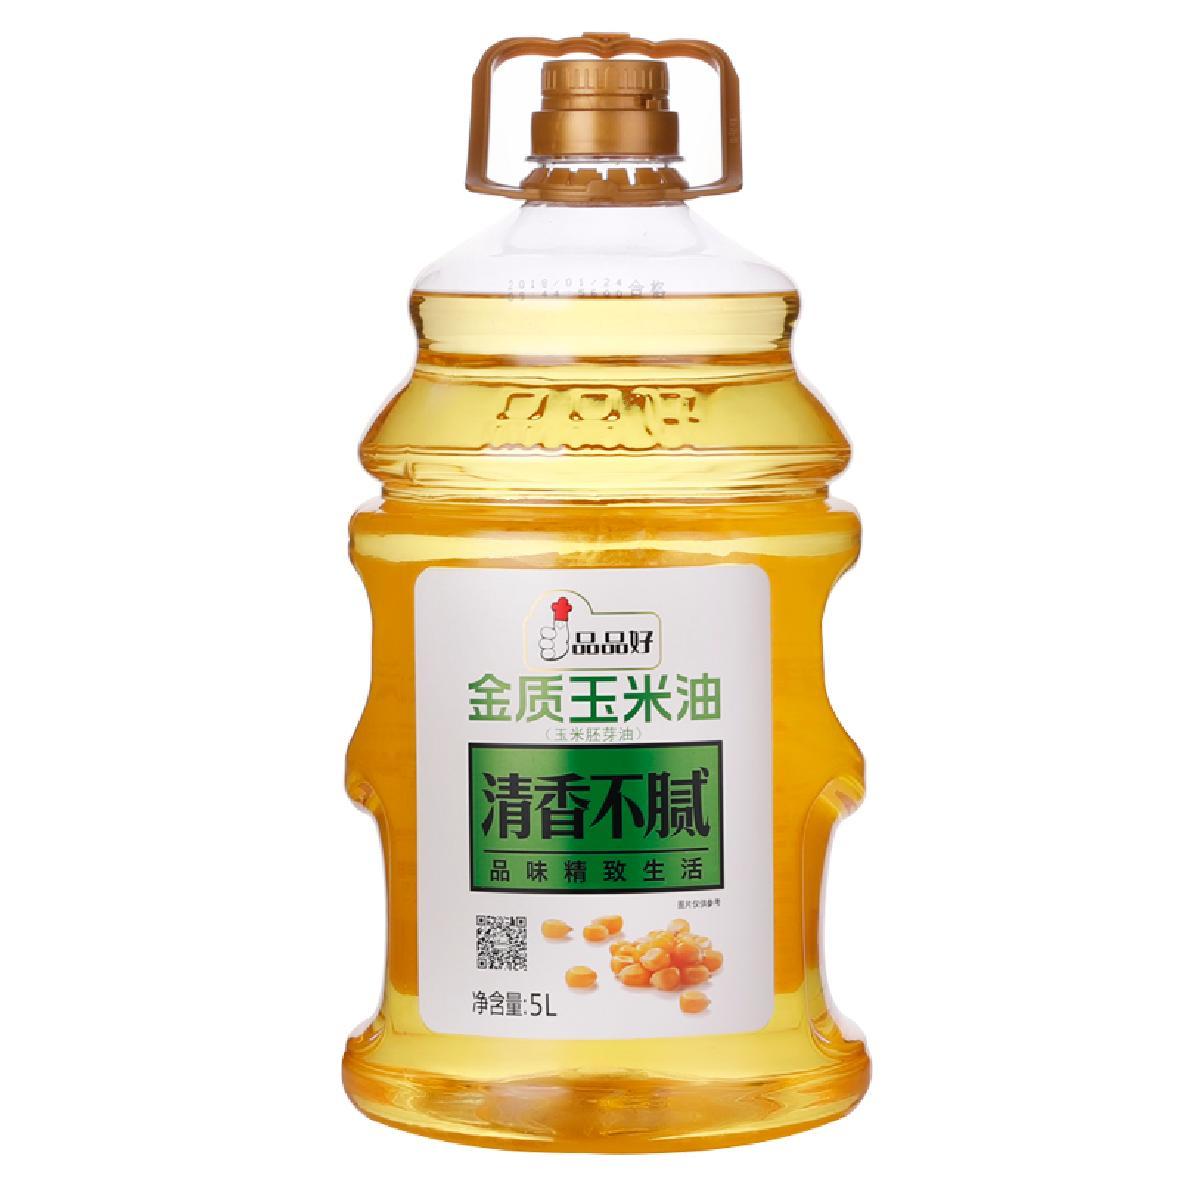 5L金质玉米油